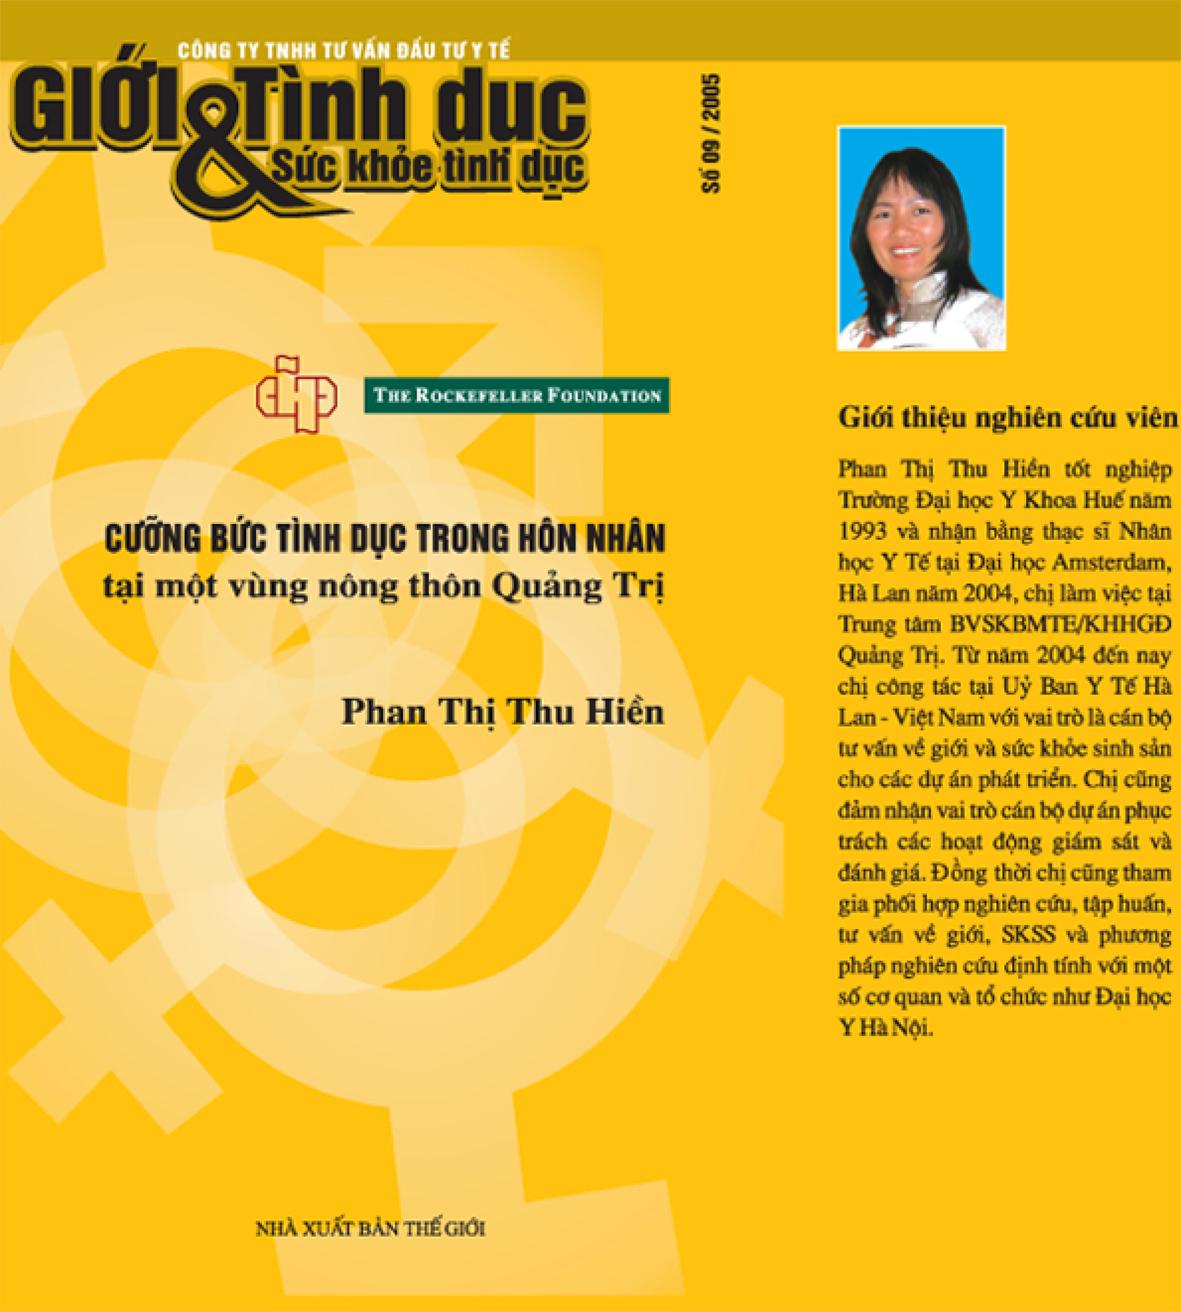 Cưỡng bức tình dục trong hôn nhân tại một vùng nông thôn Quảng Trị, số 9, 2005